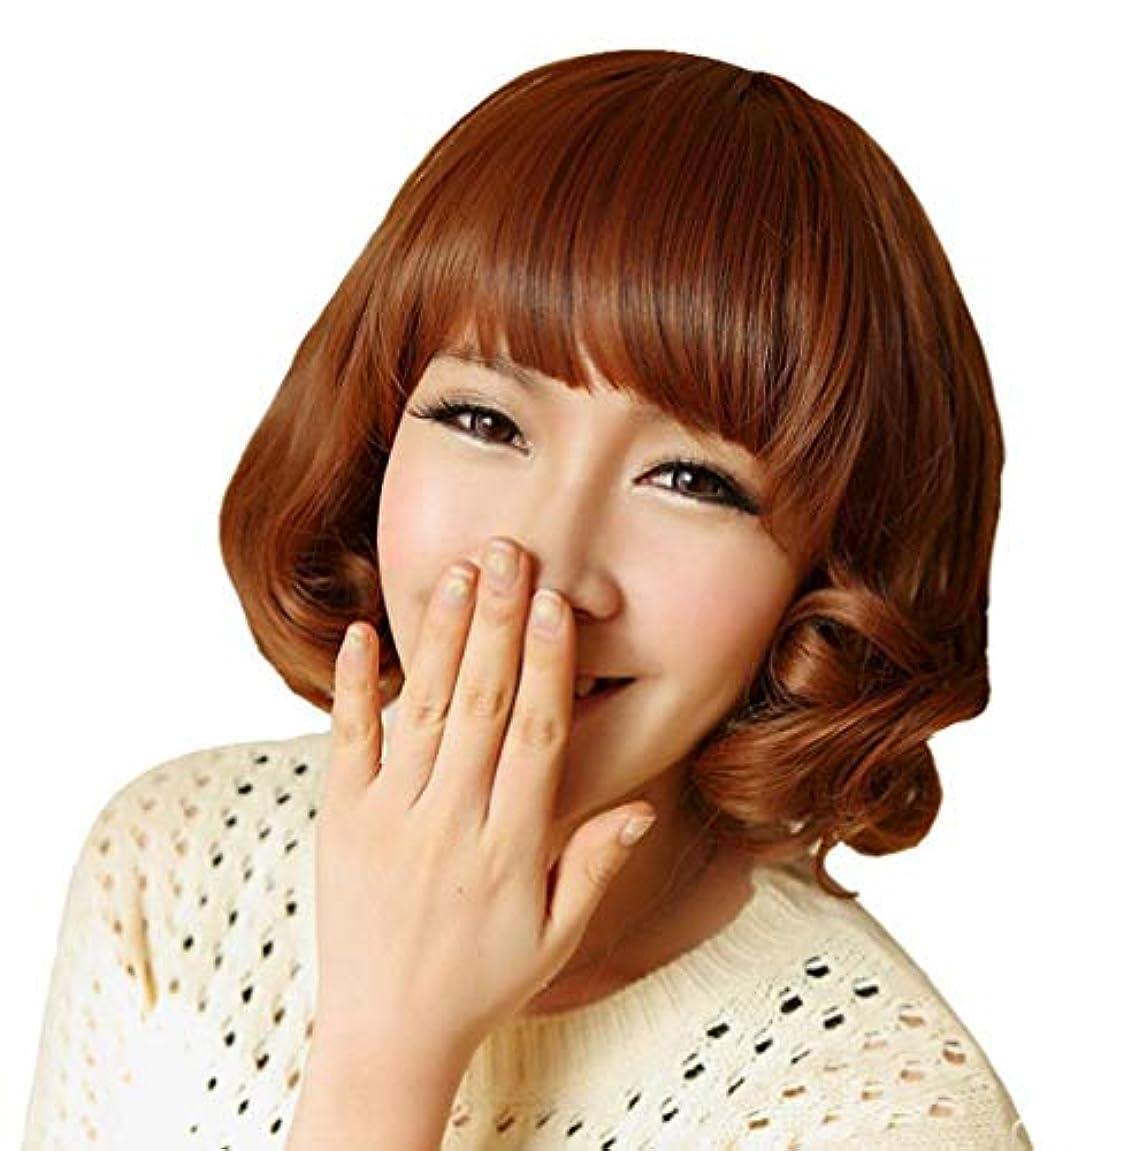 切り刻むアパル立方体かつら女性ショートヘアボボヘッド空気前髪現実的な髪型 LH2206 (画像の色)